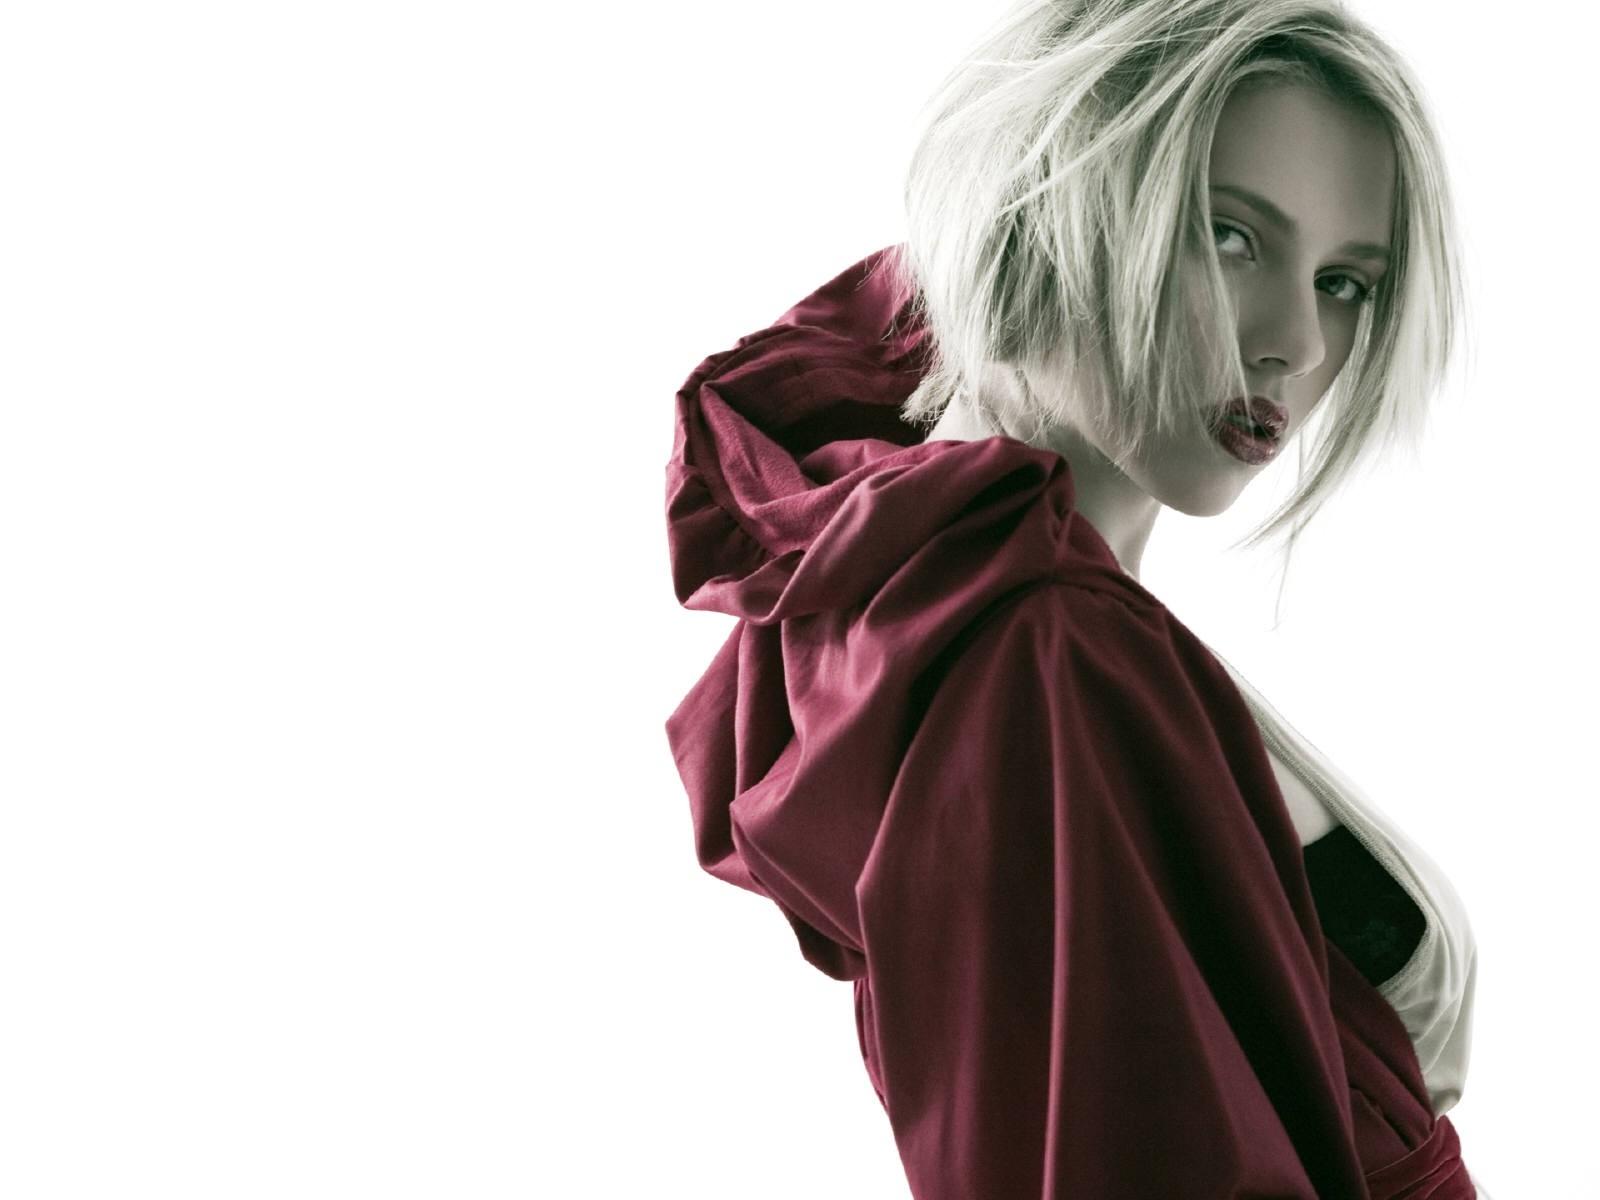 Wallpaper di Scarlett Johansson in versione 'cappuccetto rosso'